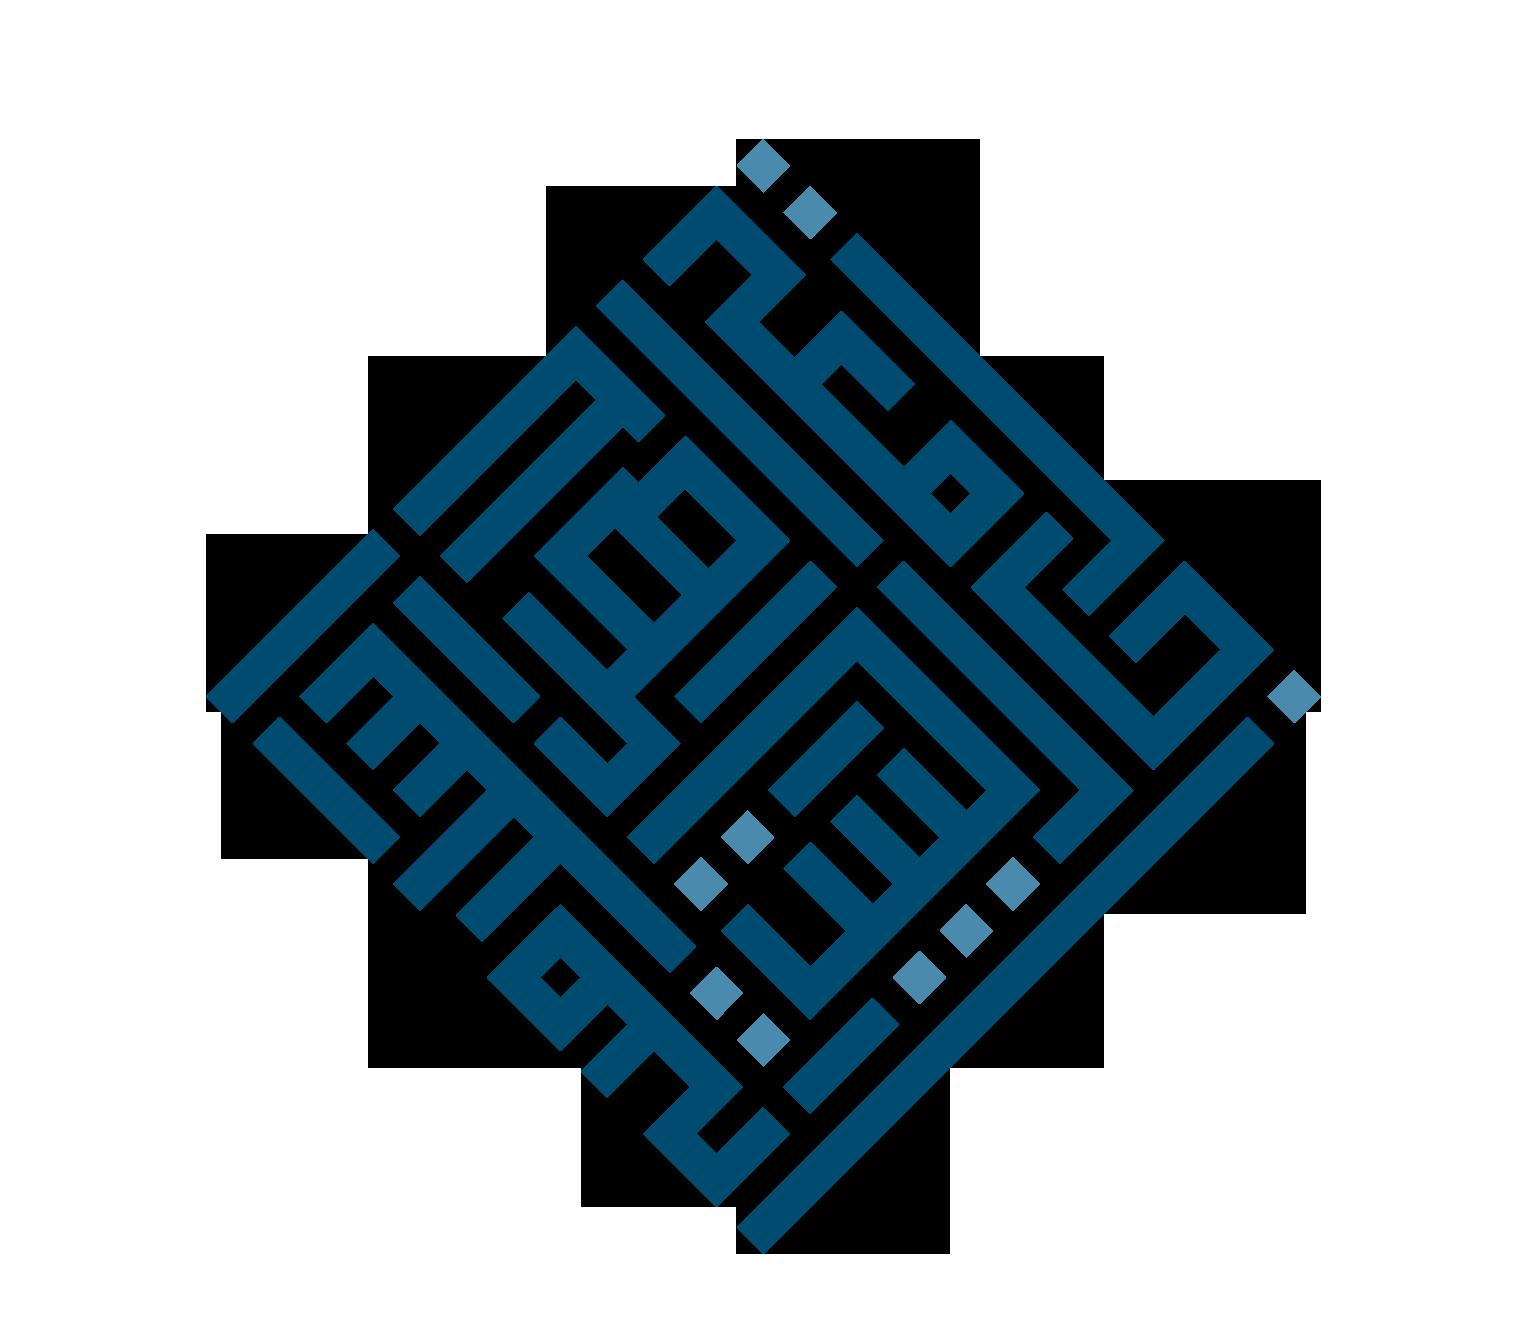 Maula Ali Shrine Wallpaper: Gleanings From The Qurʾan: Sūrat Al-Kawthar And Sūrat Al